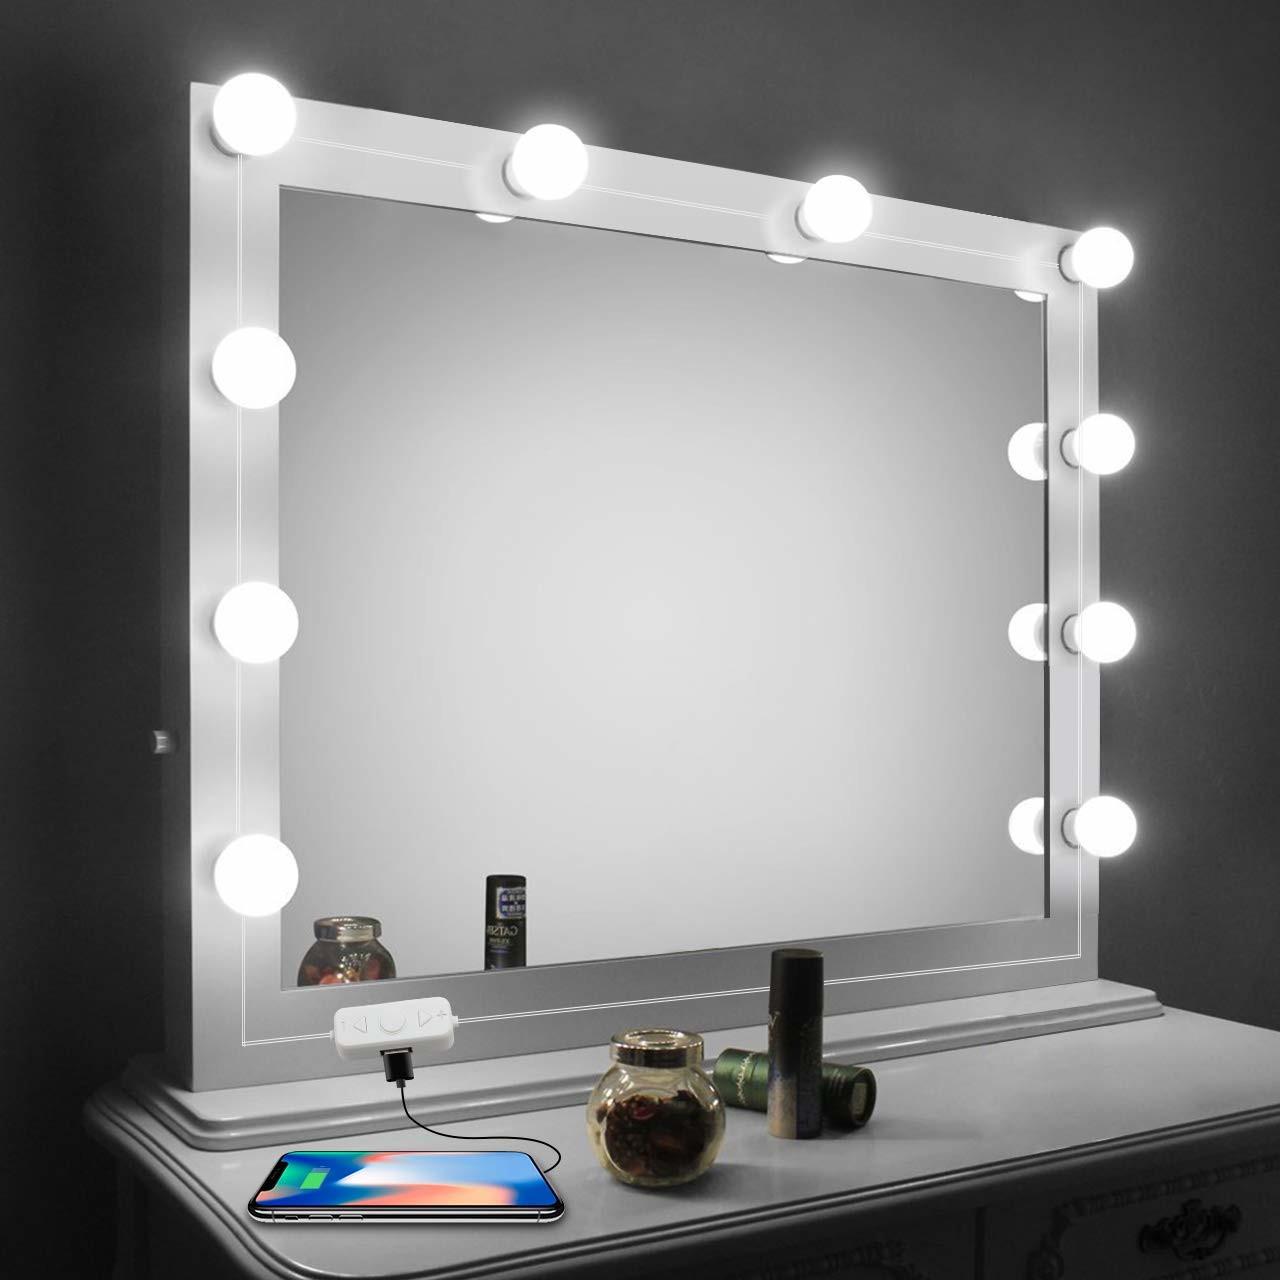 Lampada Para Espelho Camarim Colante Maquiagem Penteadeira No Elo7 Megaju 108785a